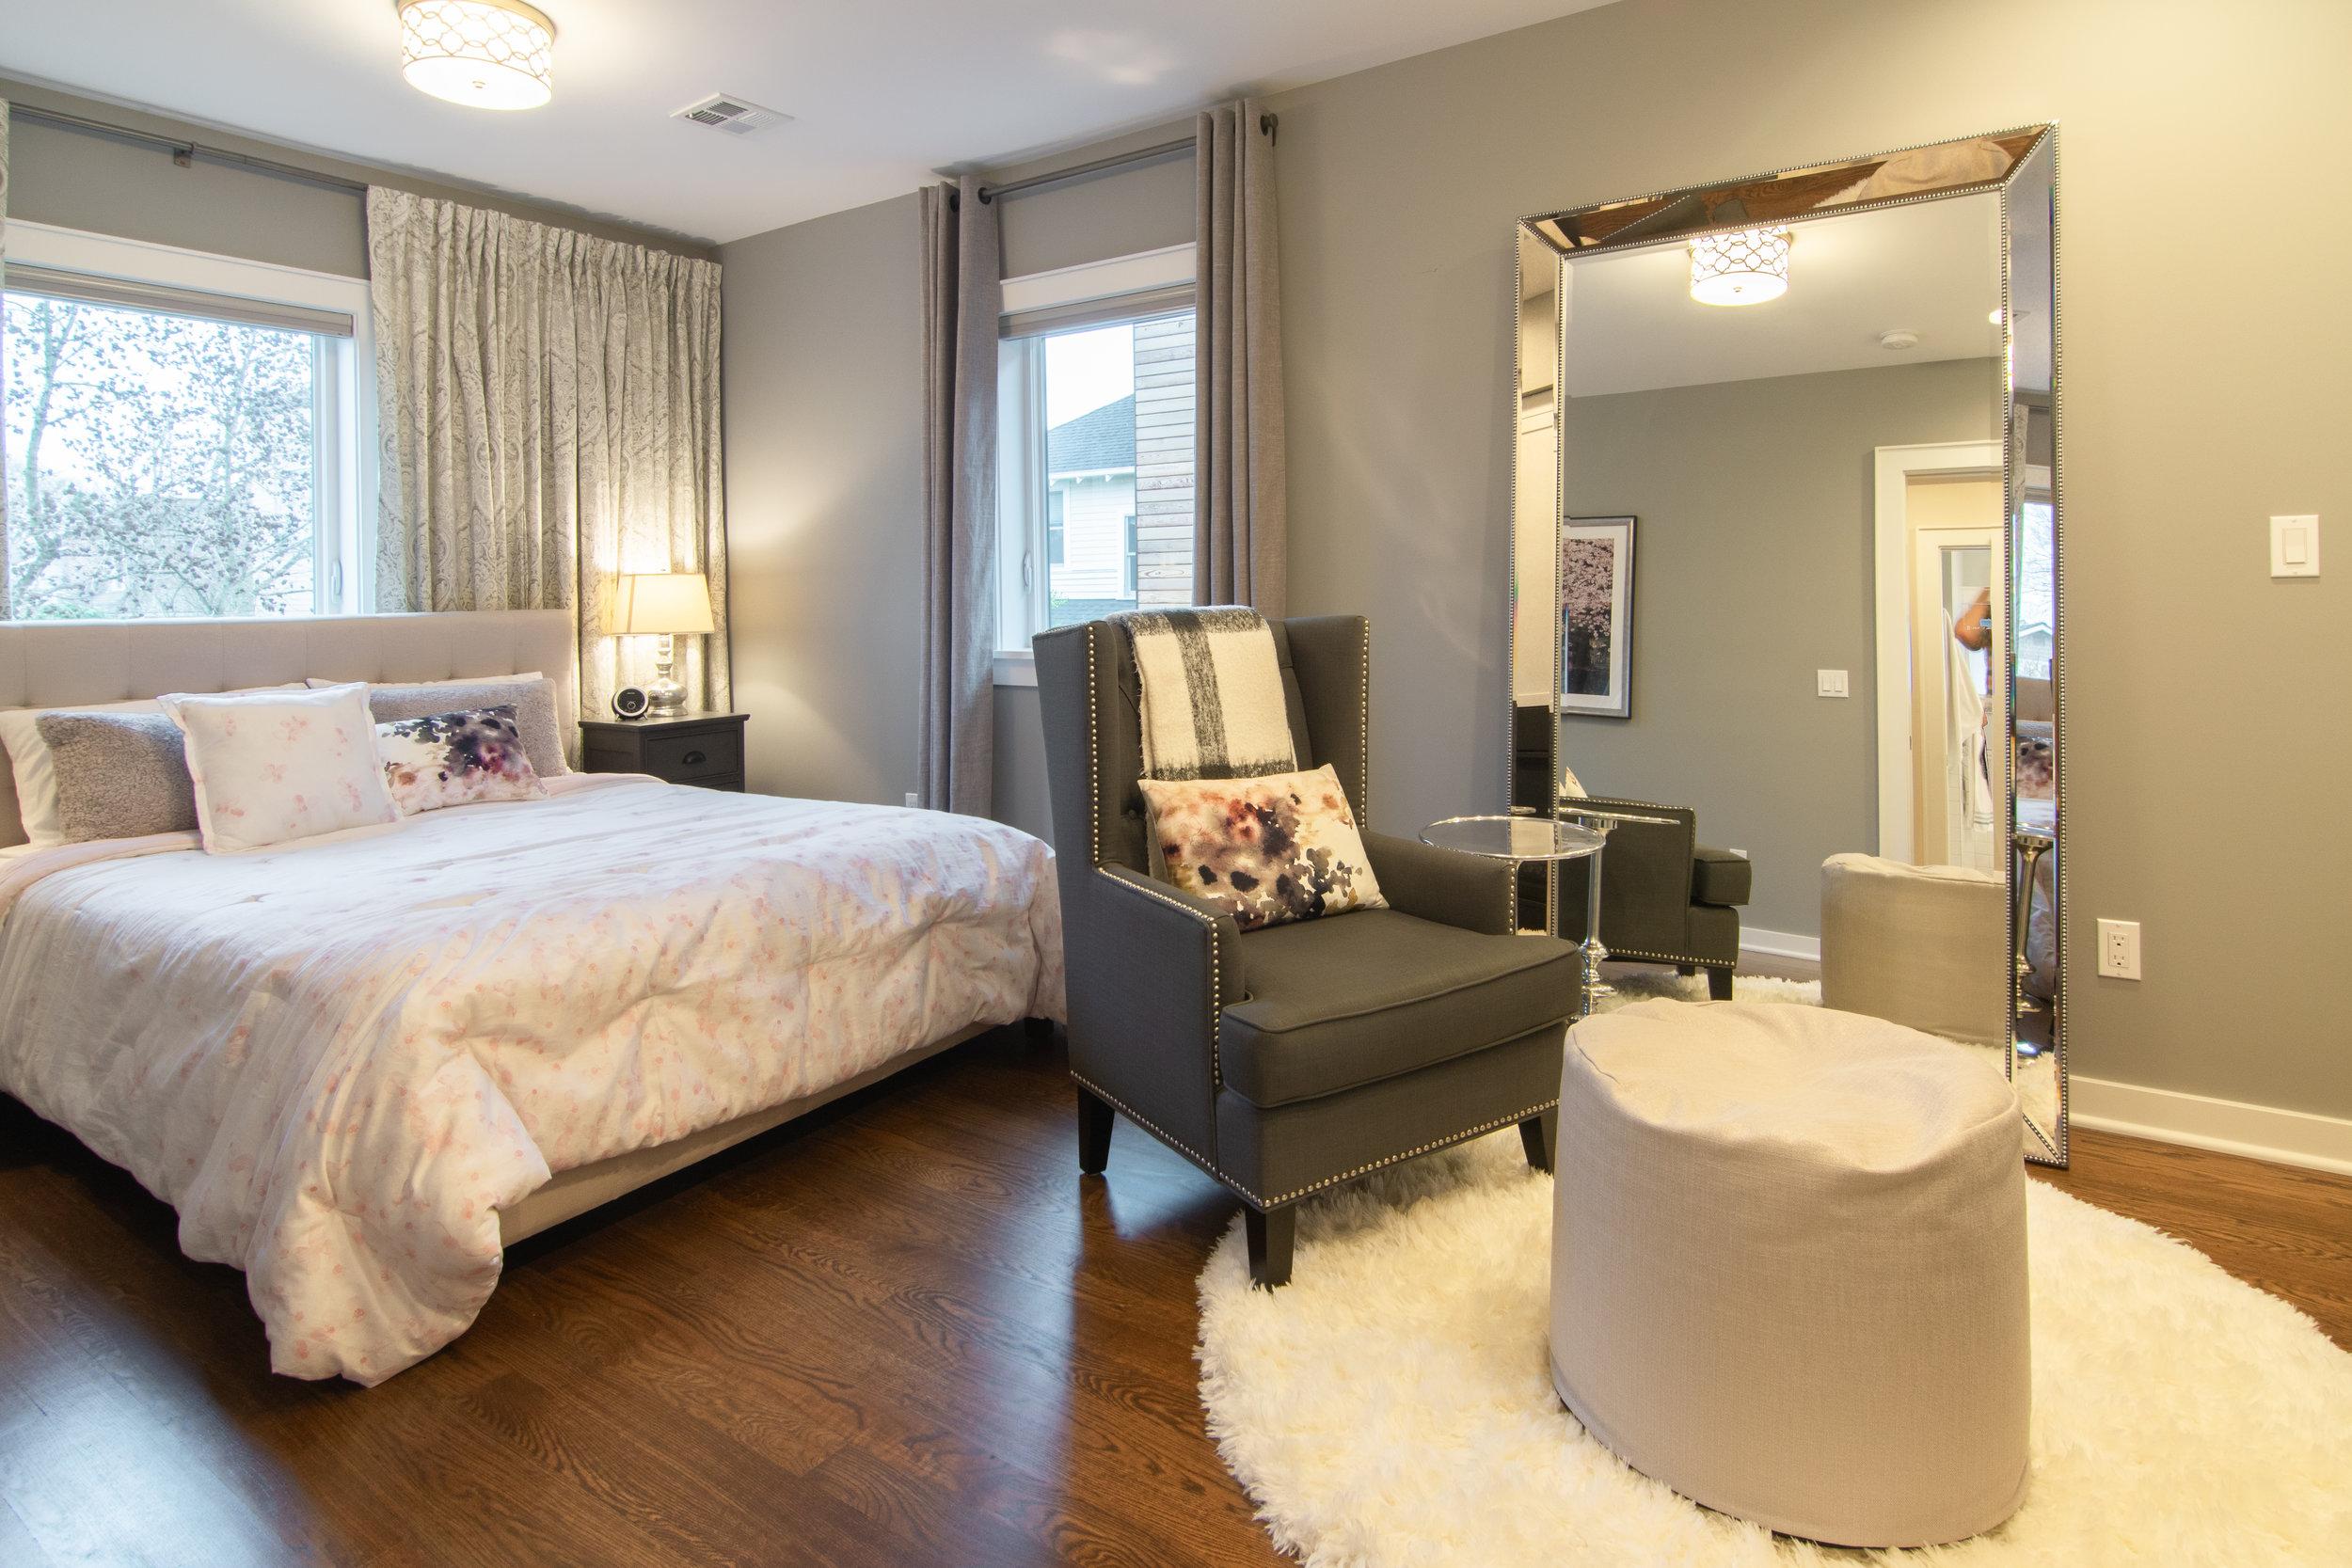 20 - Queen Anne Victorian master bedroom.jpg